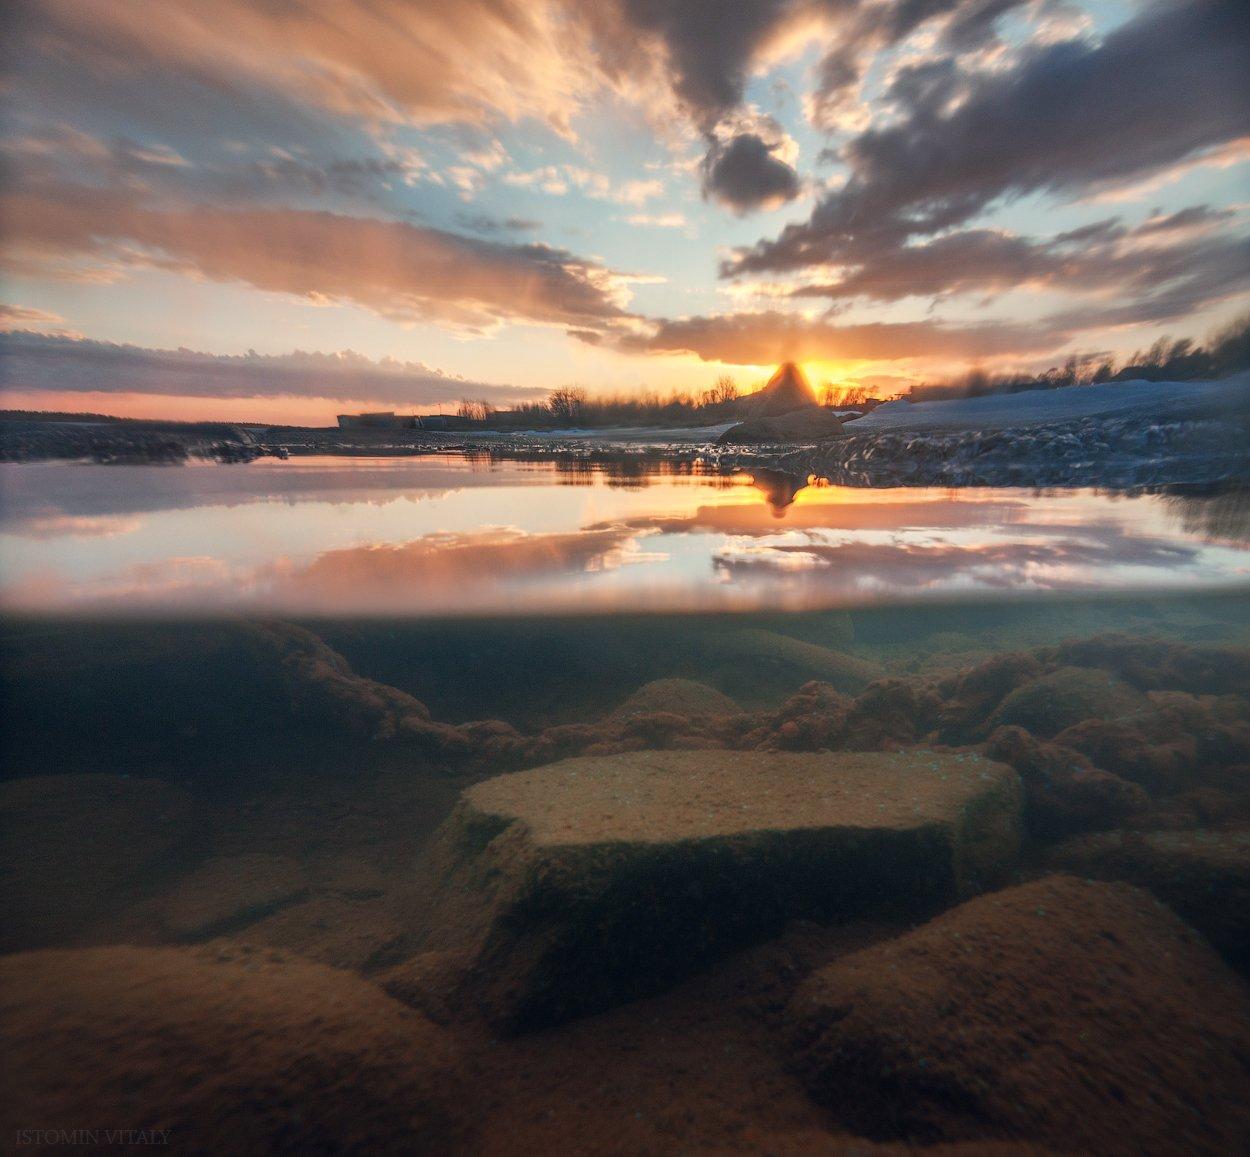 пейзаж,закат,май,россия,свет,небо,отражение,вода,камни,имандра,кольский,север,хибины,озеро, Истомин Виталий